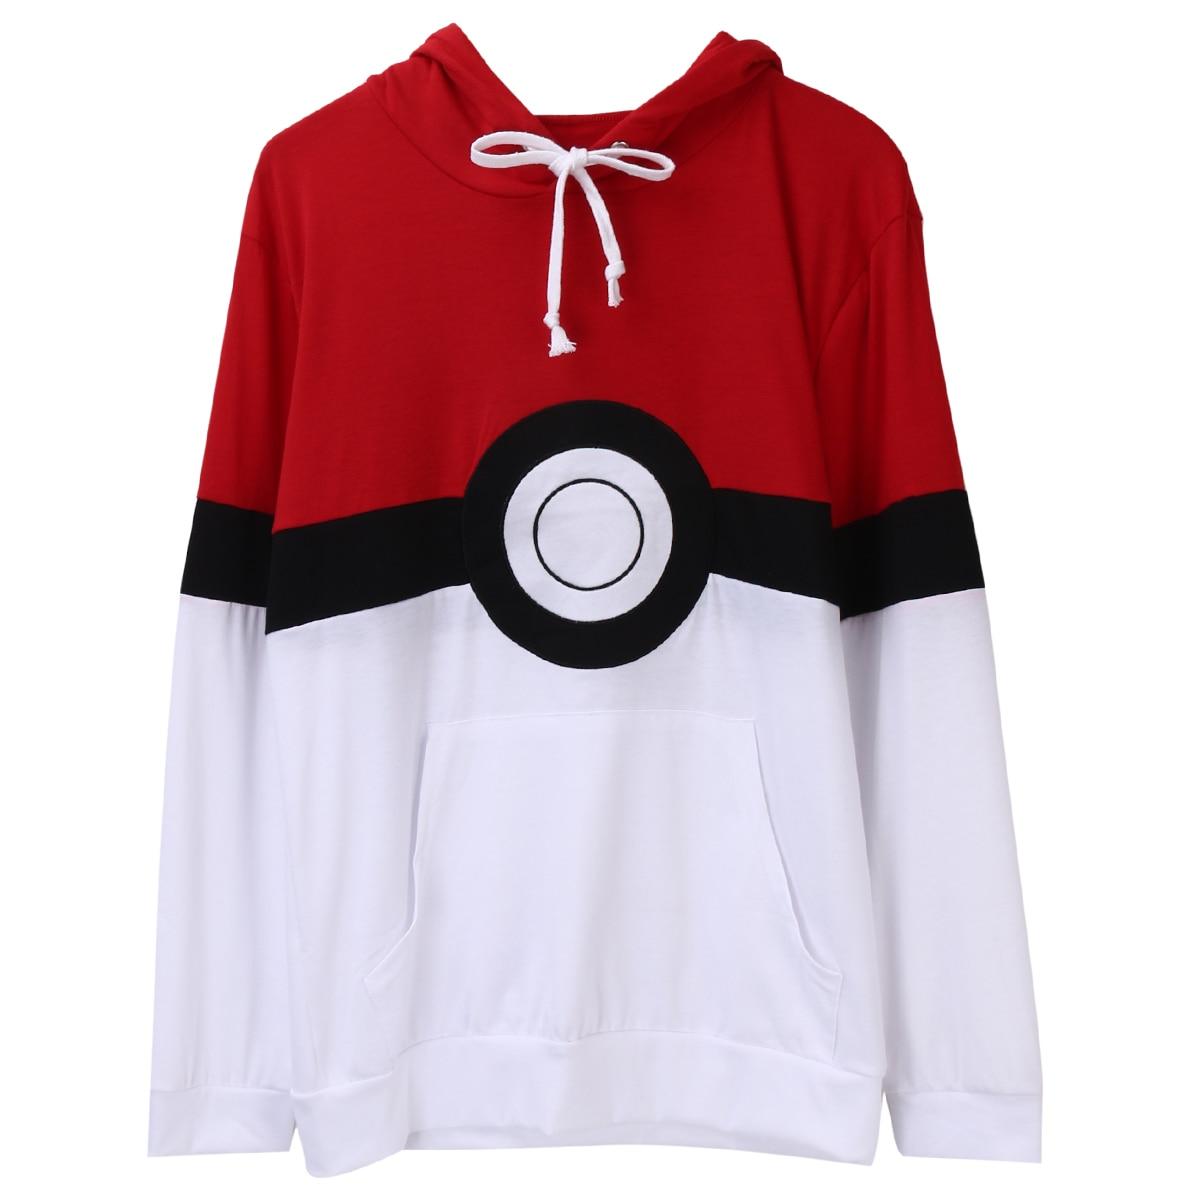 Hacd6860ce9da4fcd9d763217b5cb2f0fc Blusa de frio Pokemon Pokebola Outono Das Mulheres Dos Homens de Manga Longa Hoodies Pokemon Traje Com Capuz da Camisola Top Roupas Da Moda Outwear Ocasional